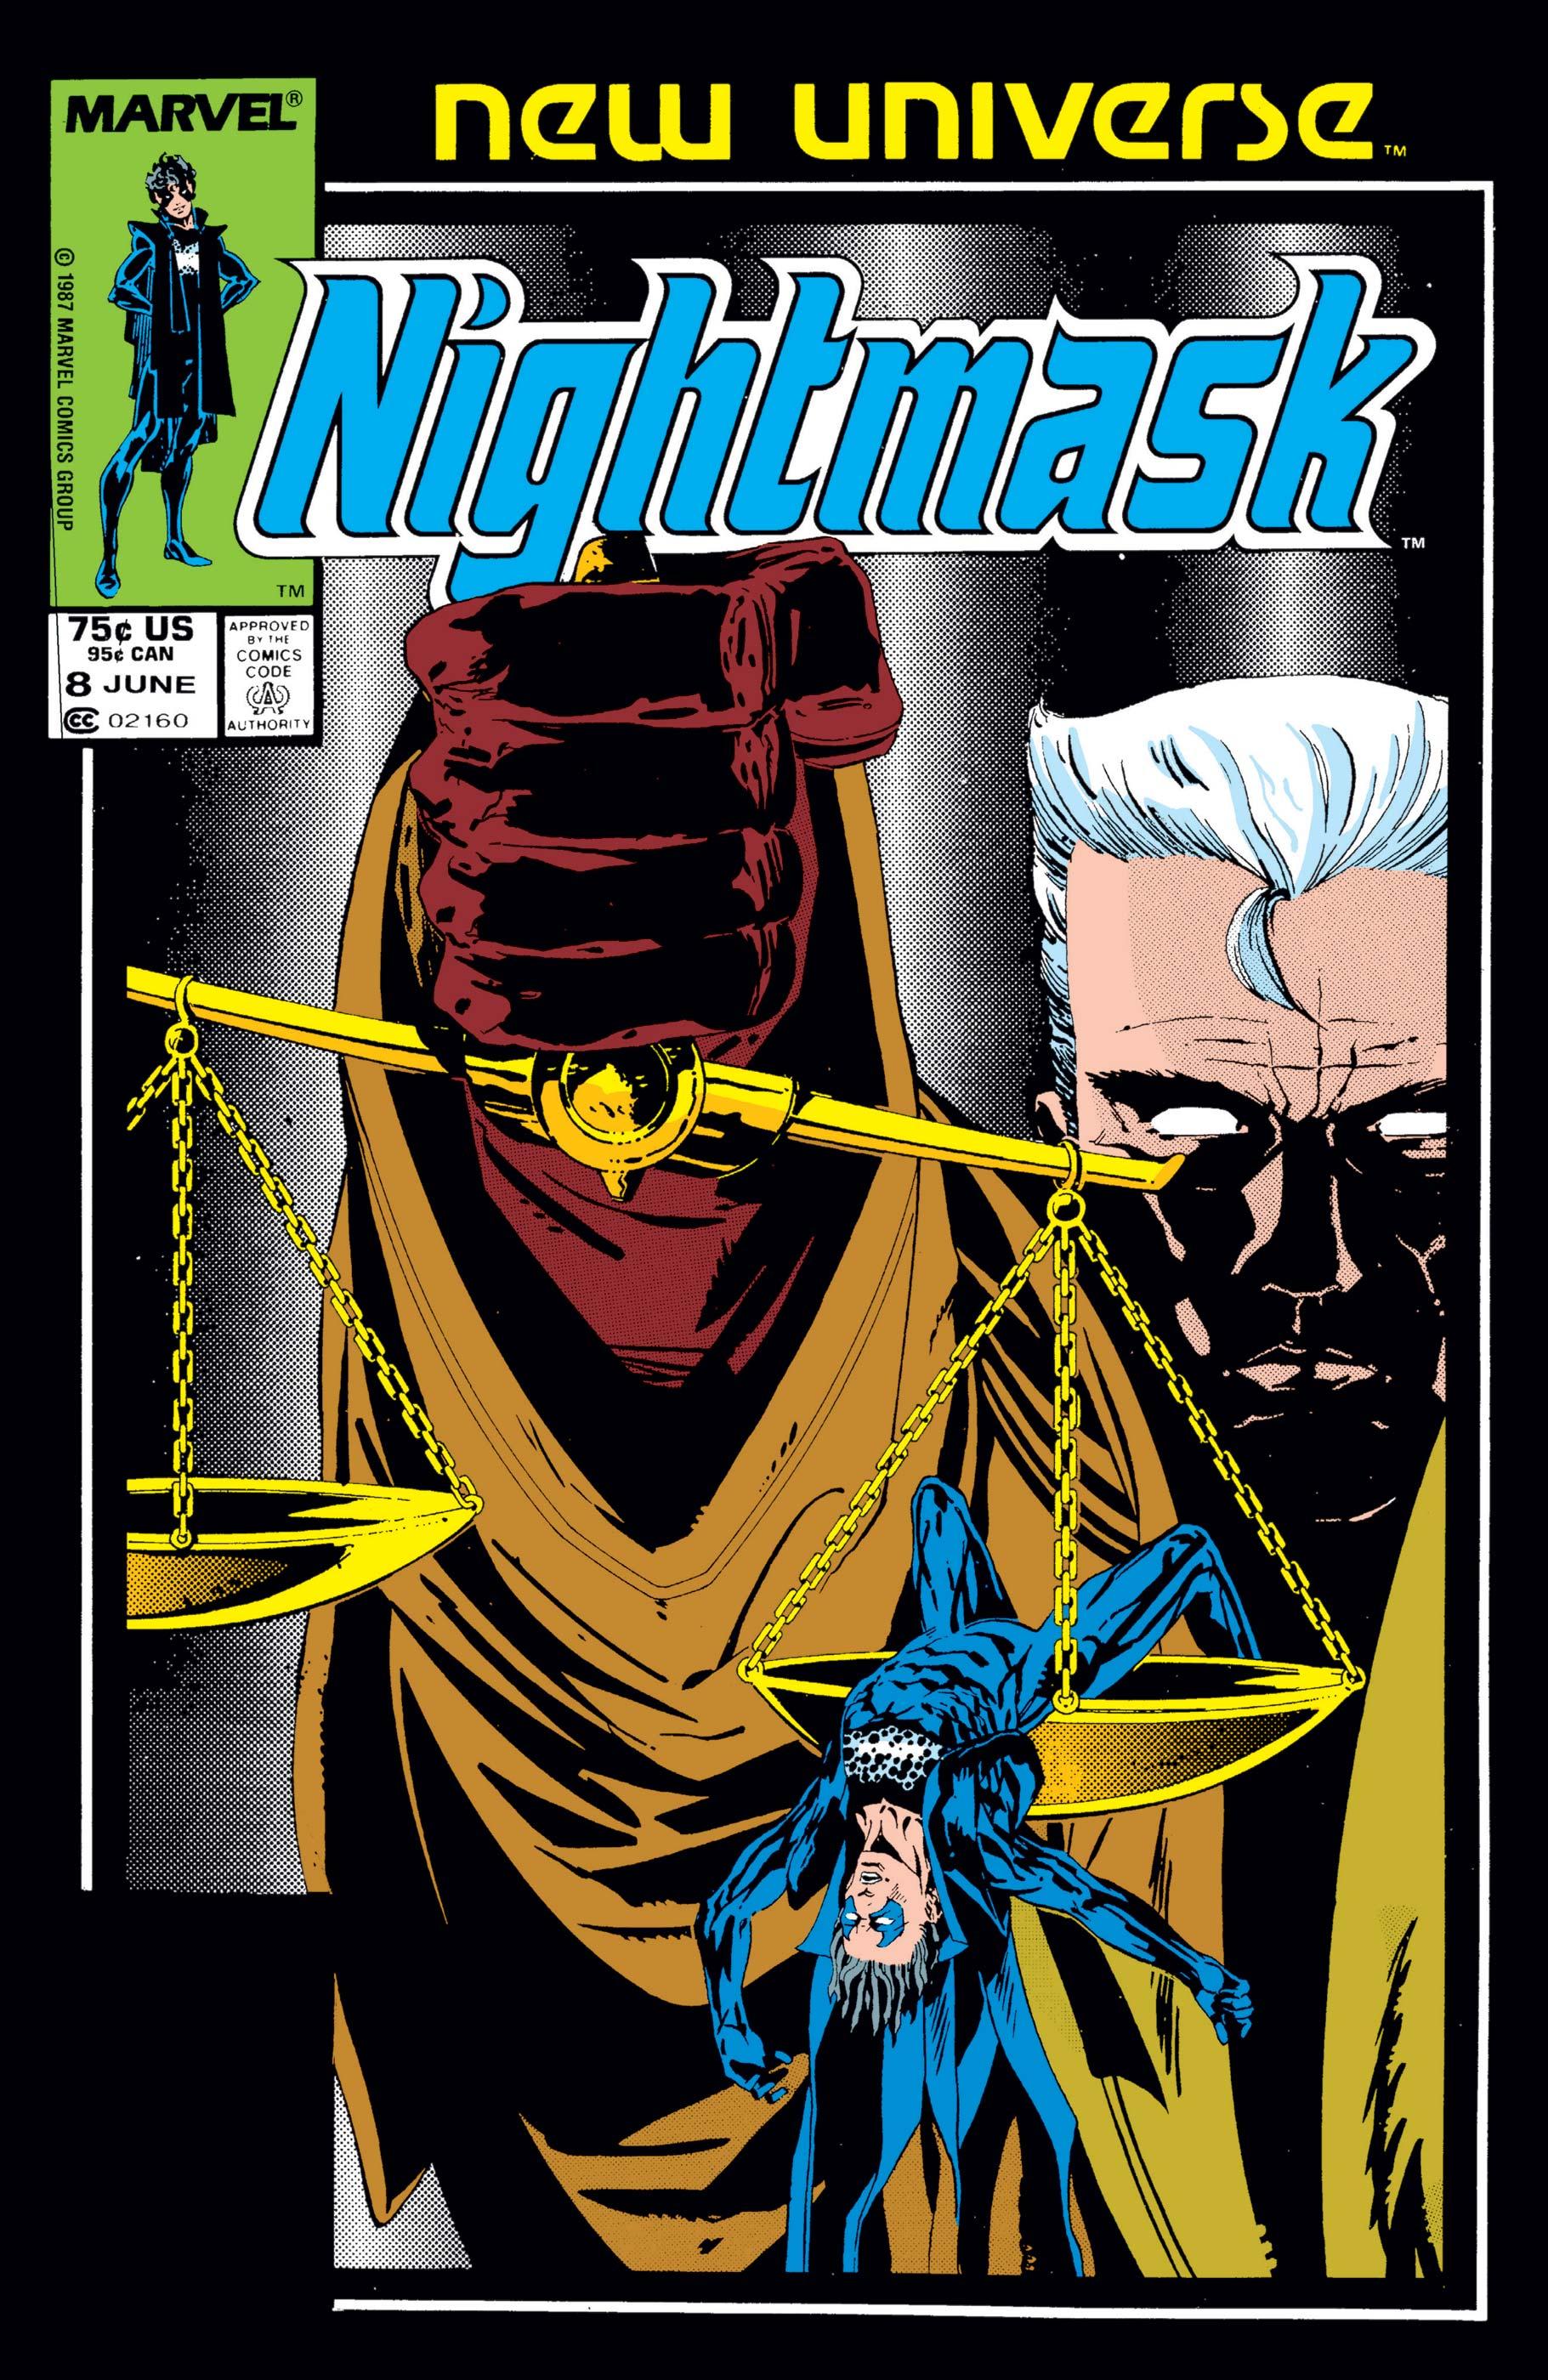 Nightmask (1986) #8